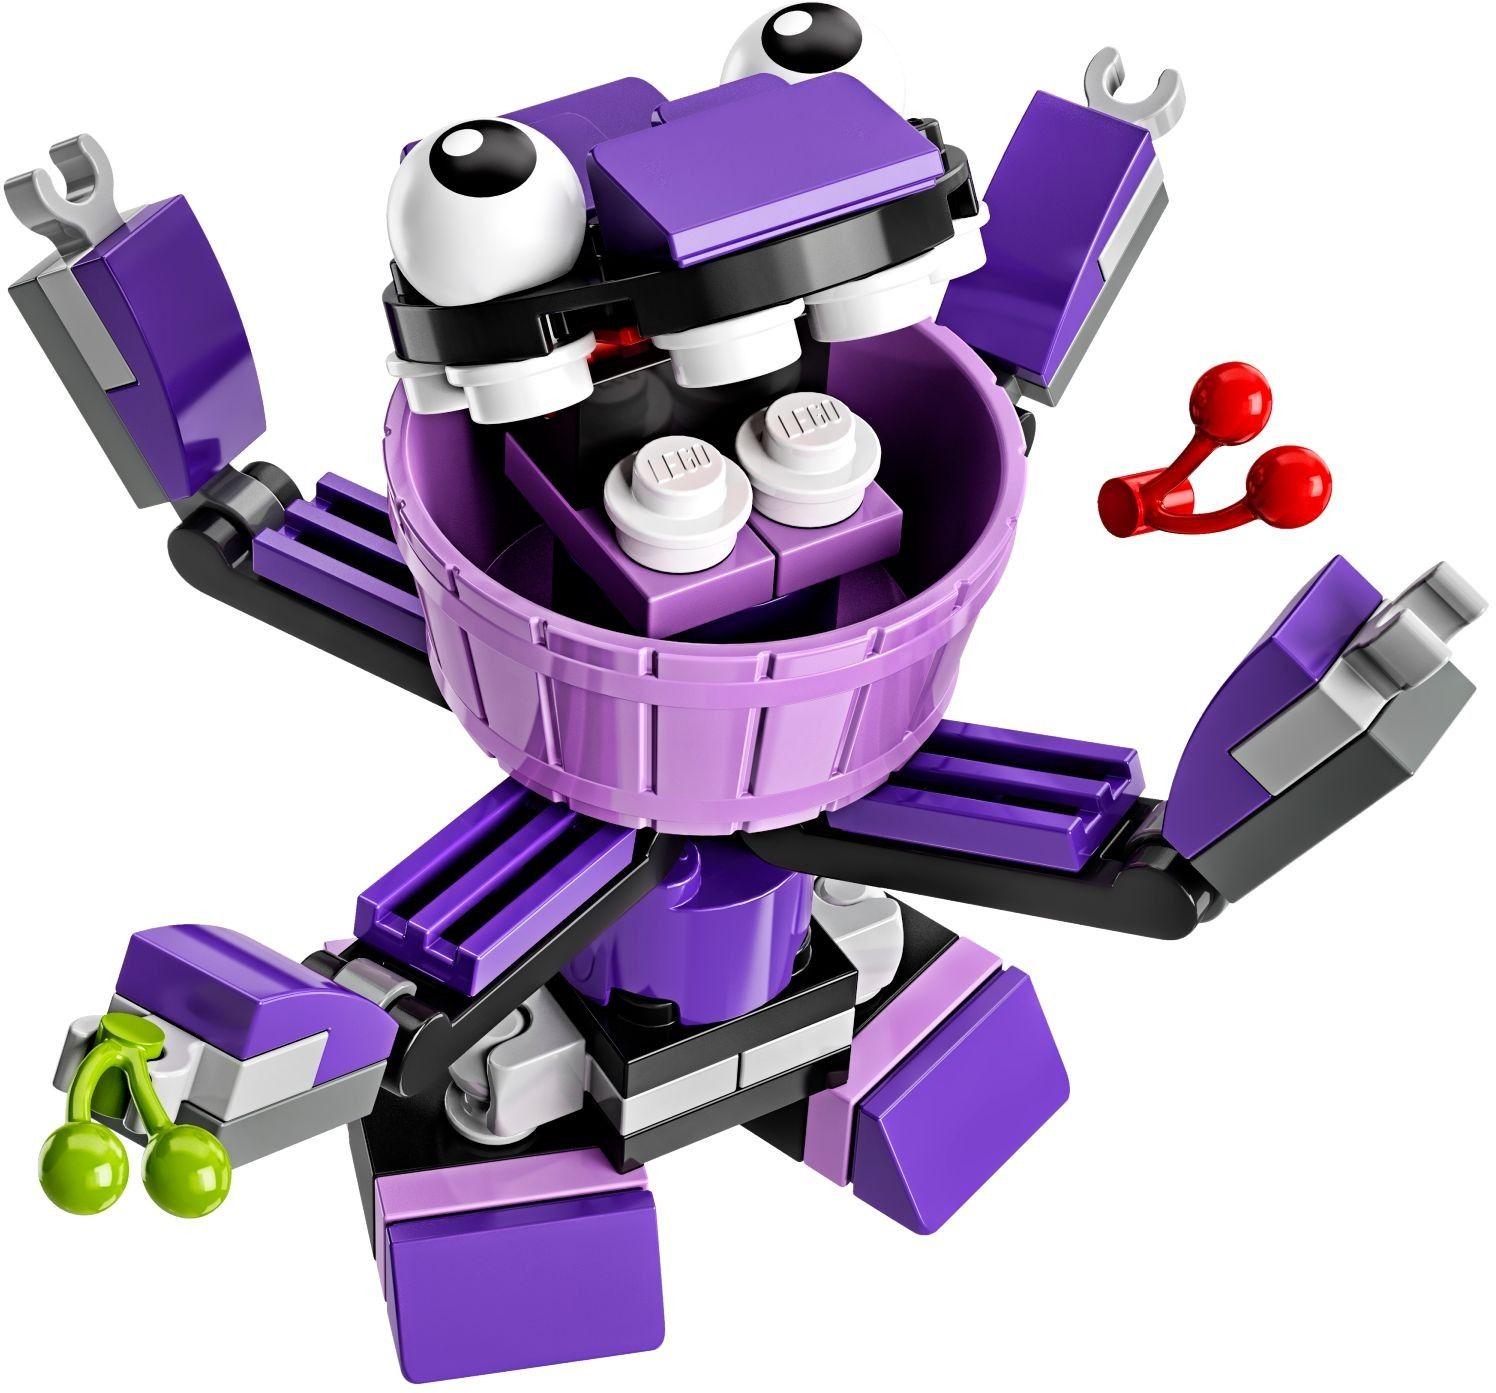 Конструктор LEGO Mixels - Берп, 68 дет.